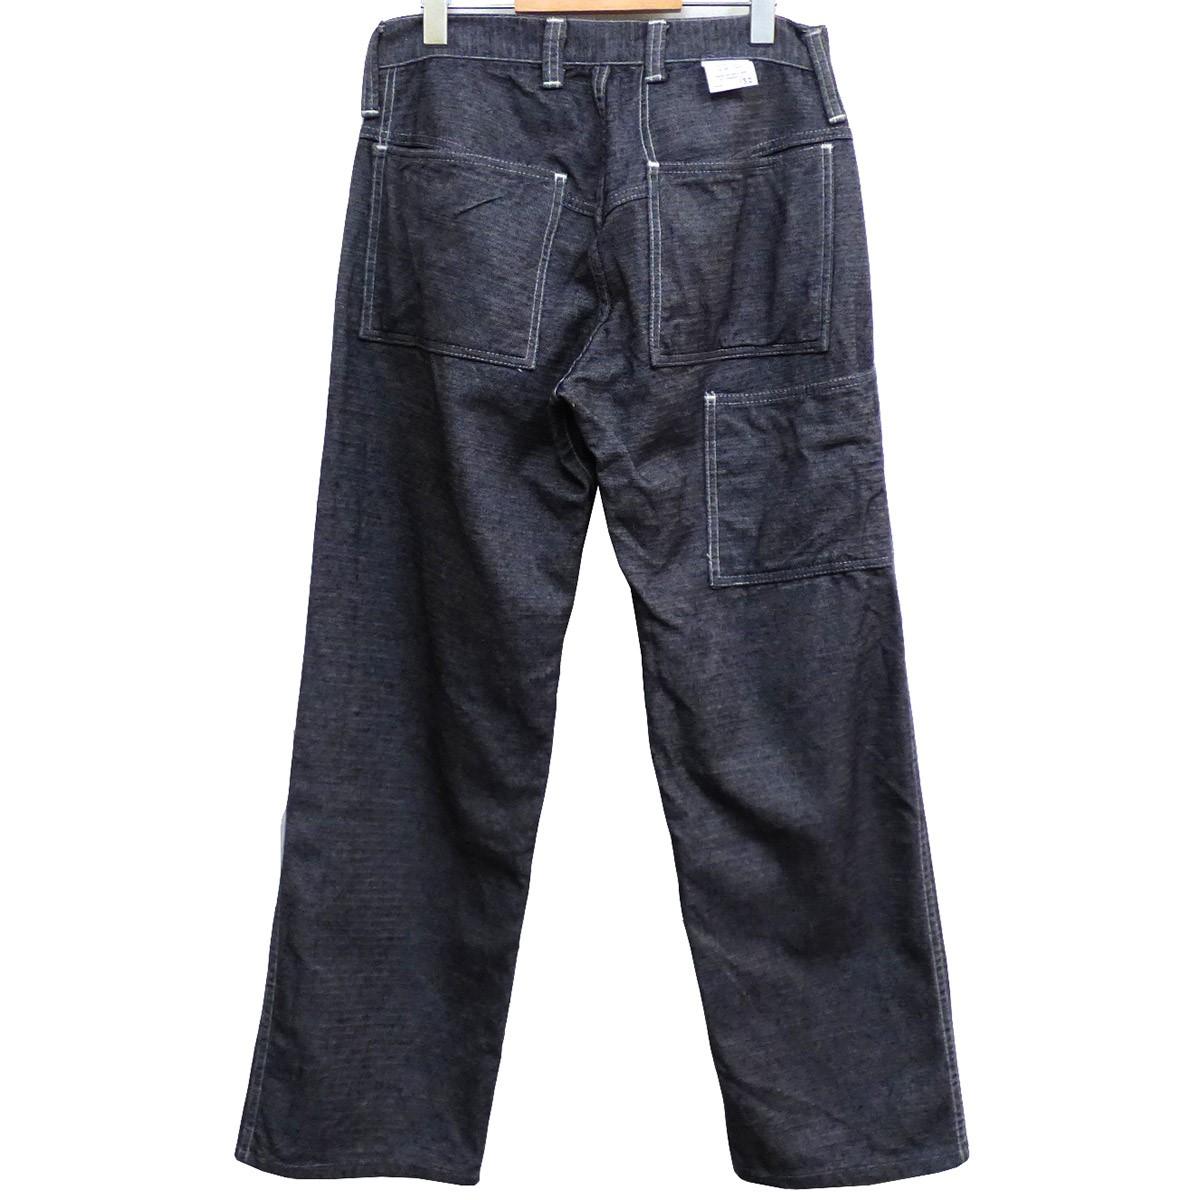 【中古】TENDER Co. TYPE132D Wide Pants With Driver's Pocketsヘリンボーンパンツ グレー サイズ:2(76cm) 【191019】(テンダー)